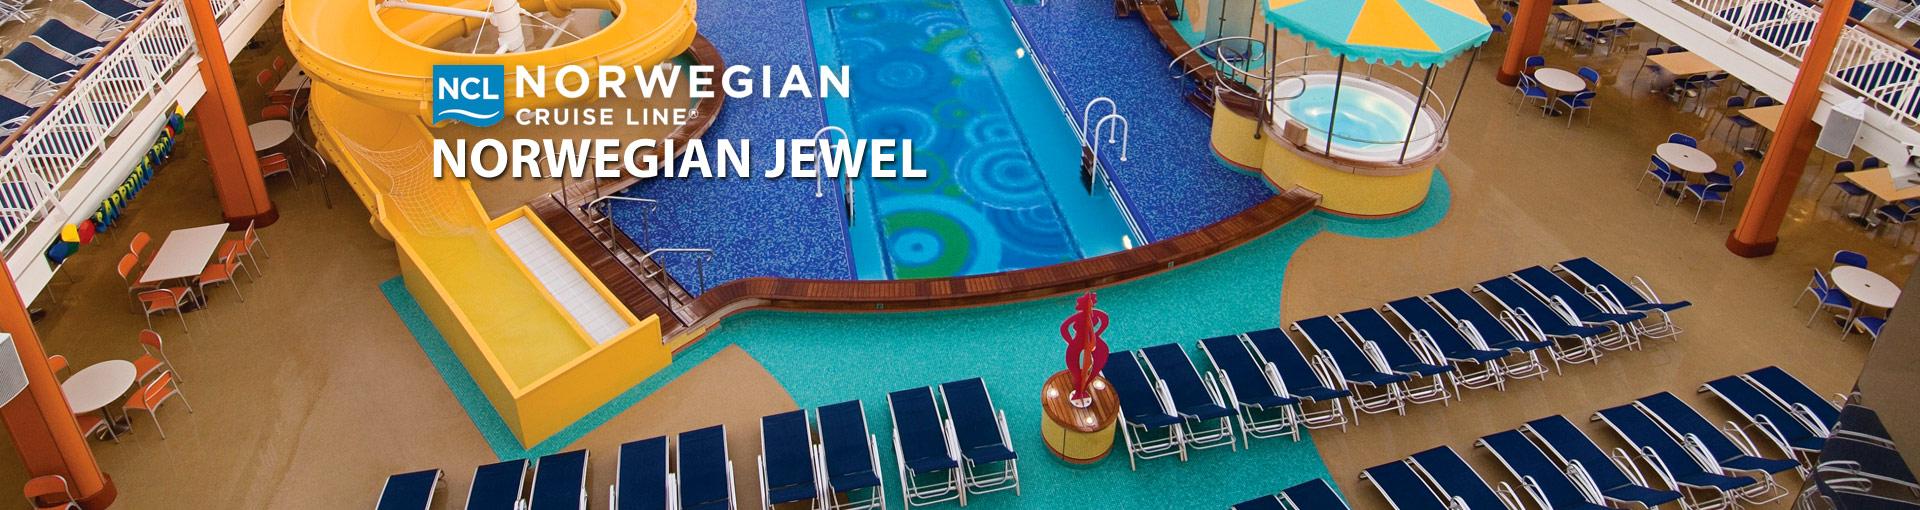 Norwegian jewel cruise ship 2017 and 2018 norwegian jewel norwegian jewel cruise ship baanklon Choice Image